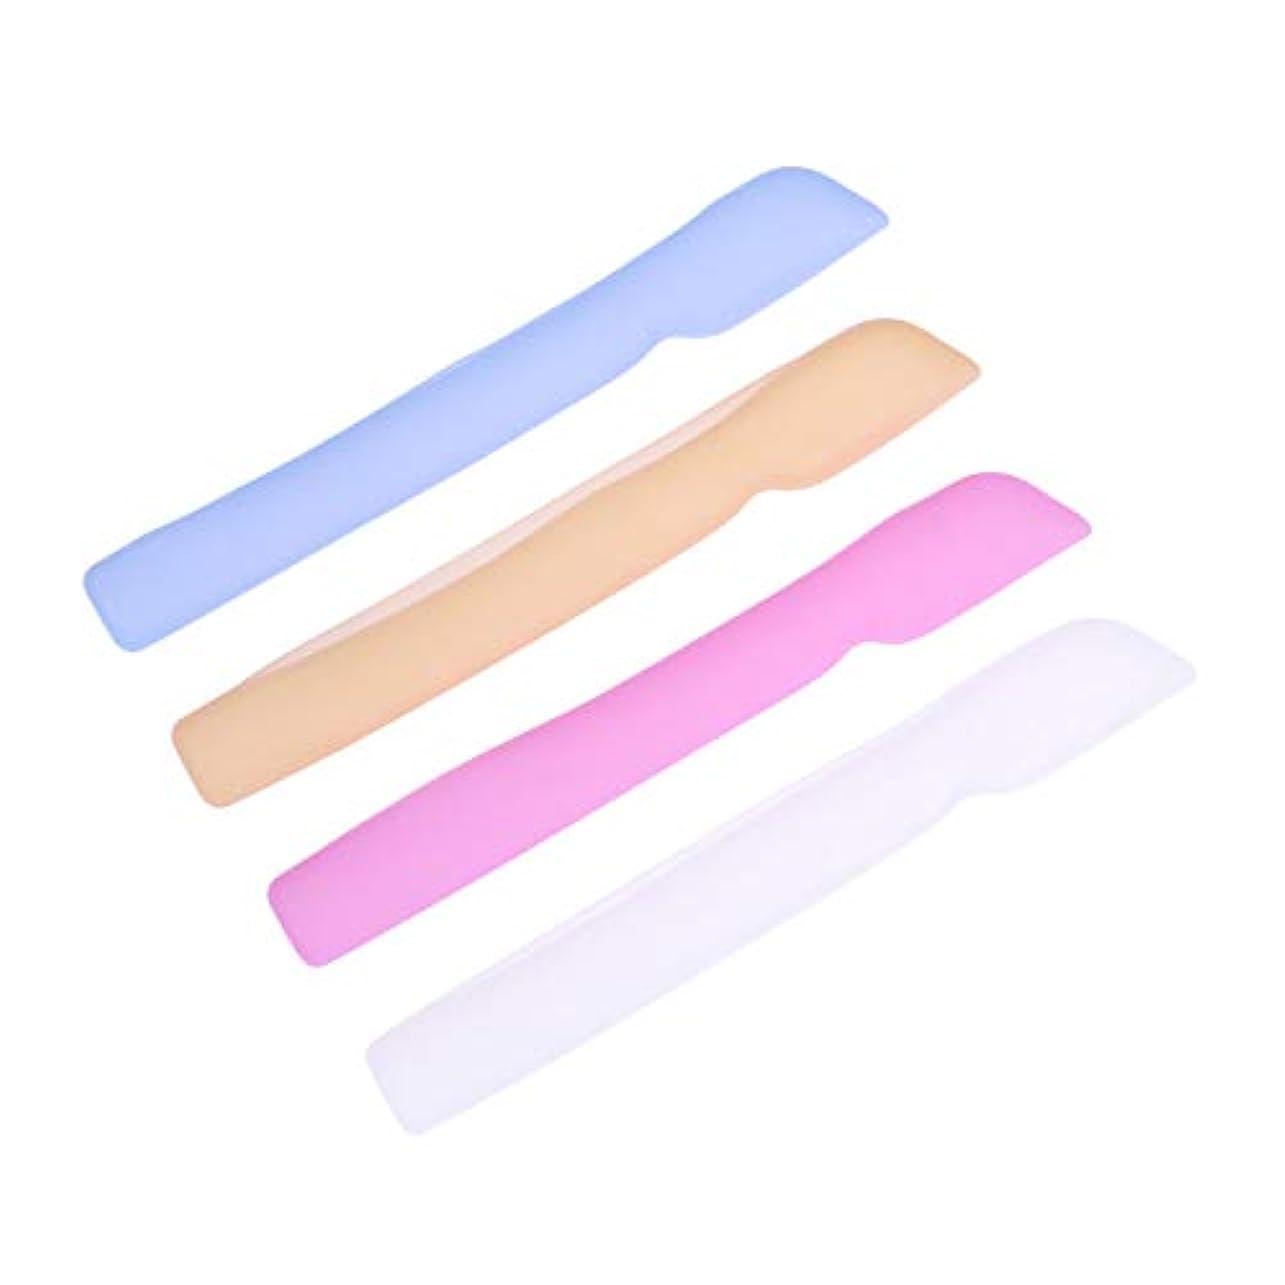 プロジェクター多数の。HEALLILYシリコン歯ブラシケースカバー歯ブラシ用保護カバー保護ケース用4本(ブルー+ピンク+ライトイエロー+ホワイト)